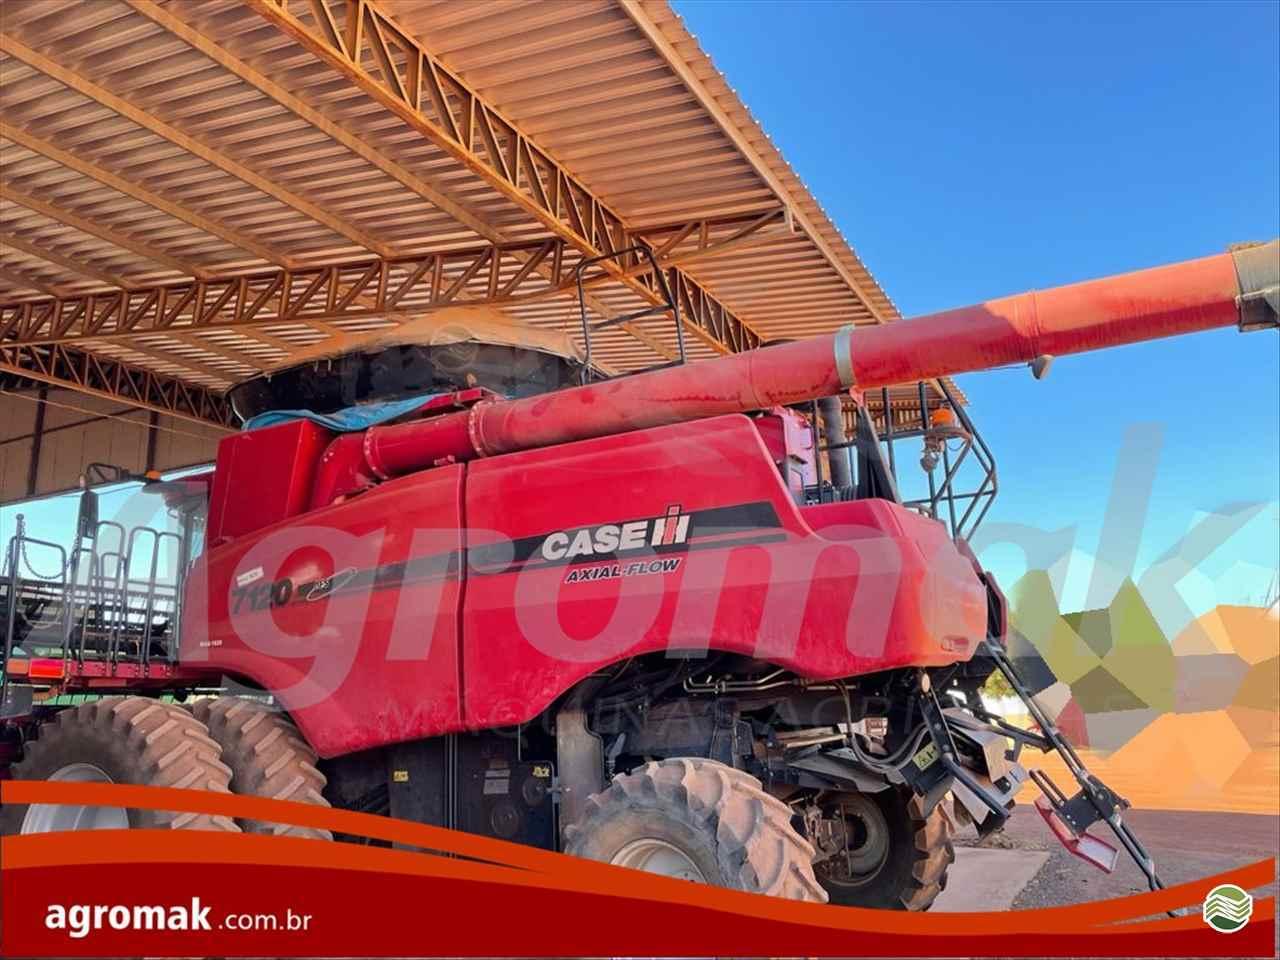 COLHEITADEIRA CASE CASE 7120 Agromak Máquinas Agrícolas CAMPO VERDE MATO GROSSO MT